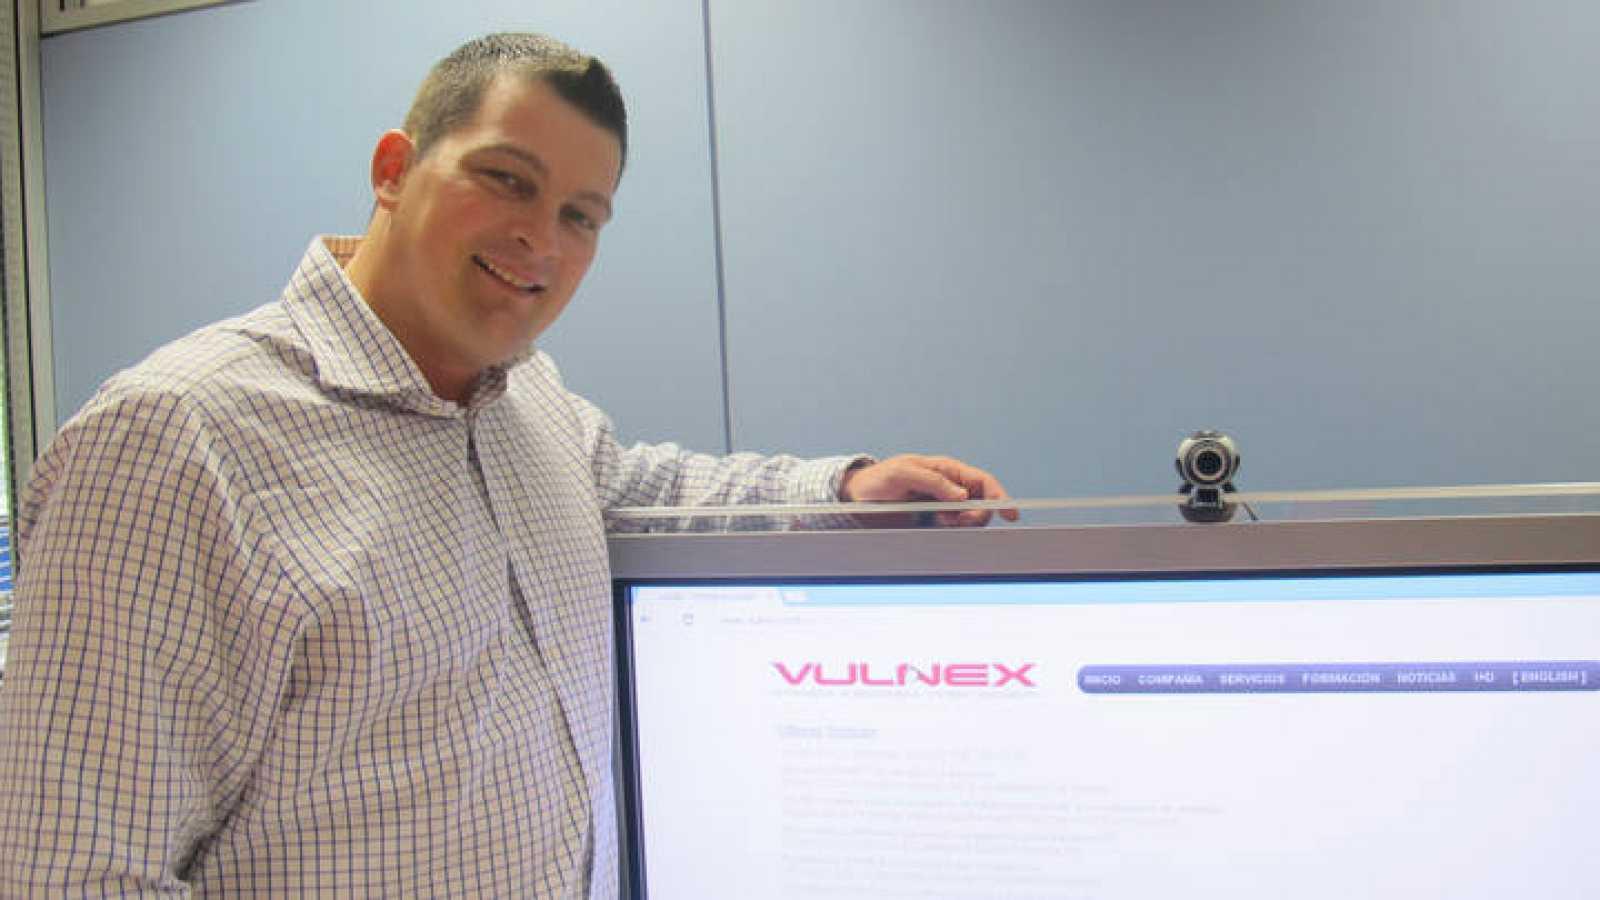 El fundador de Vulnex, Simón Roses Femerling